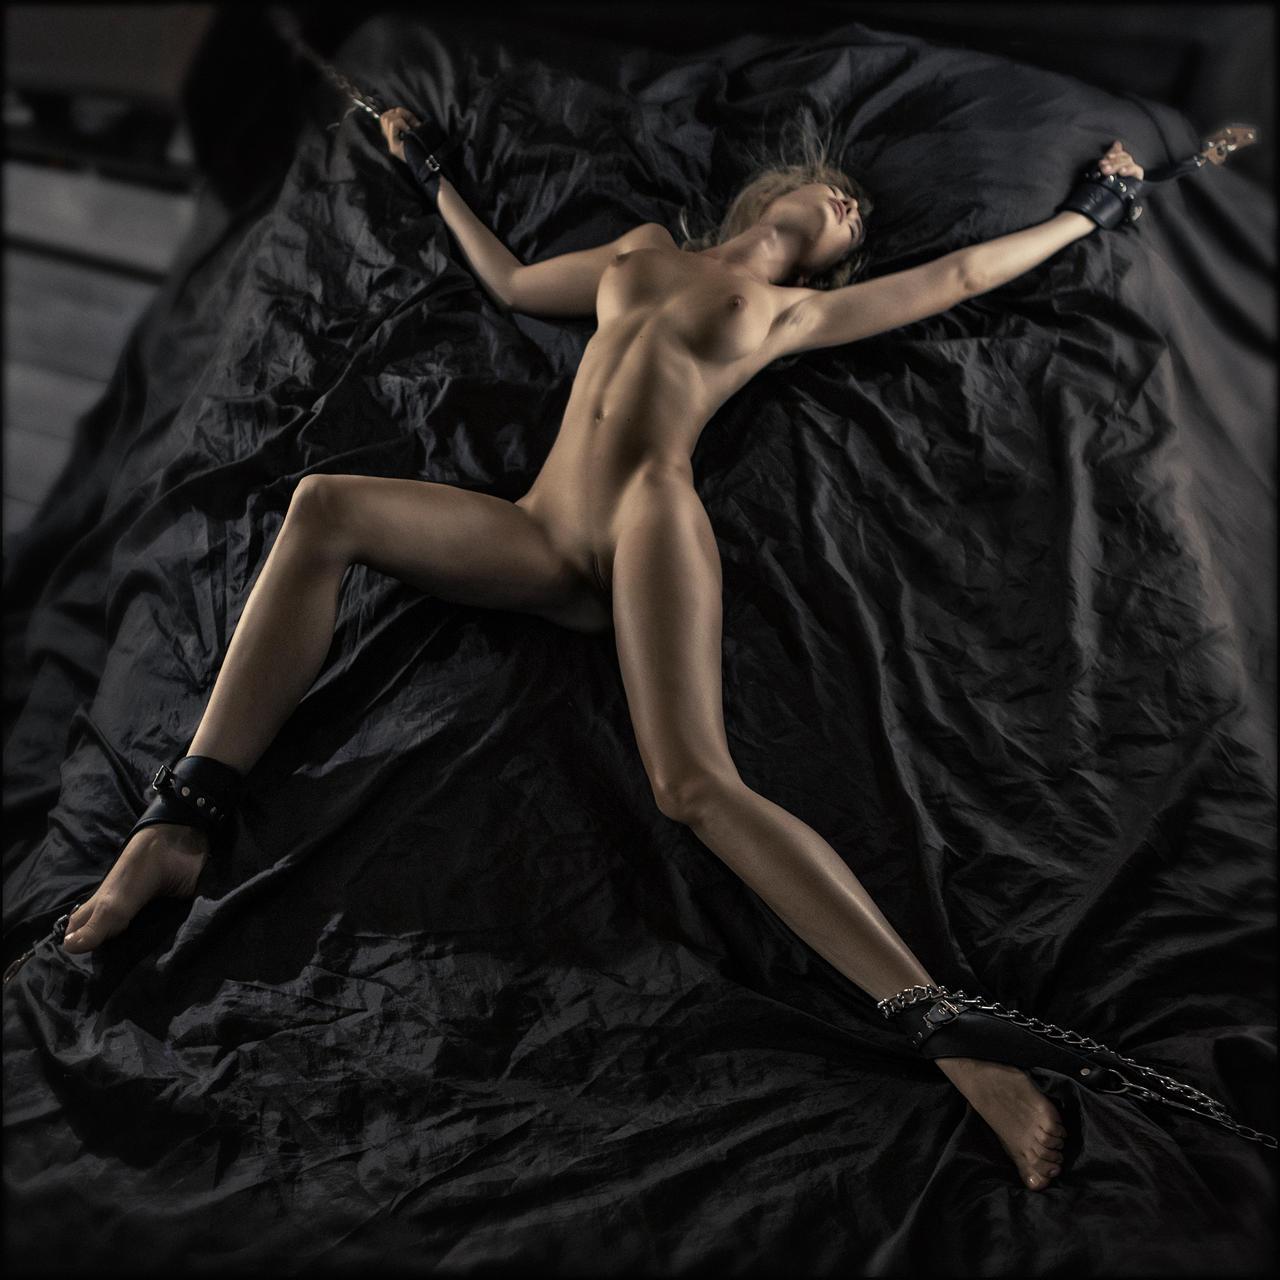 девушку привязанную к кровати вдруг